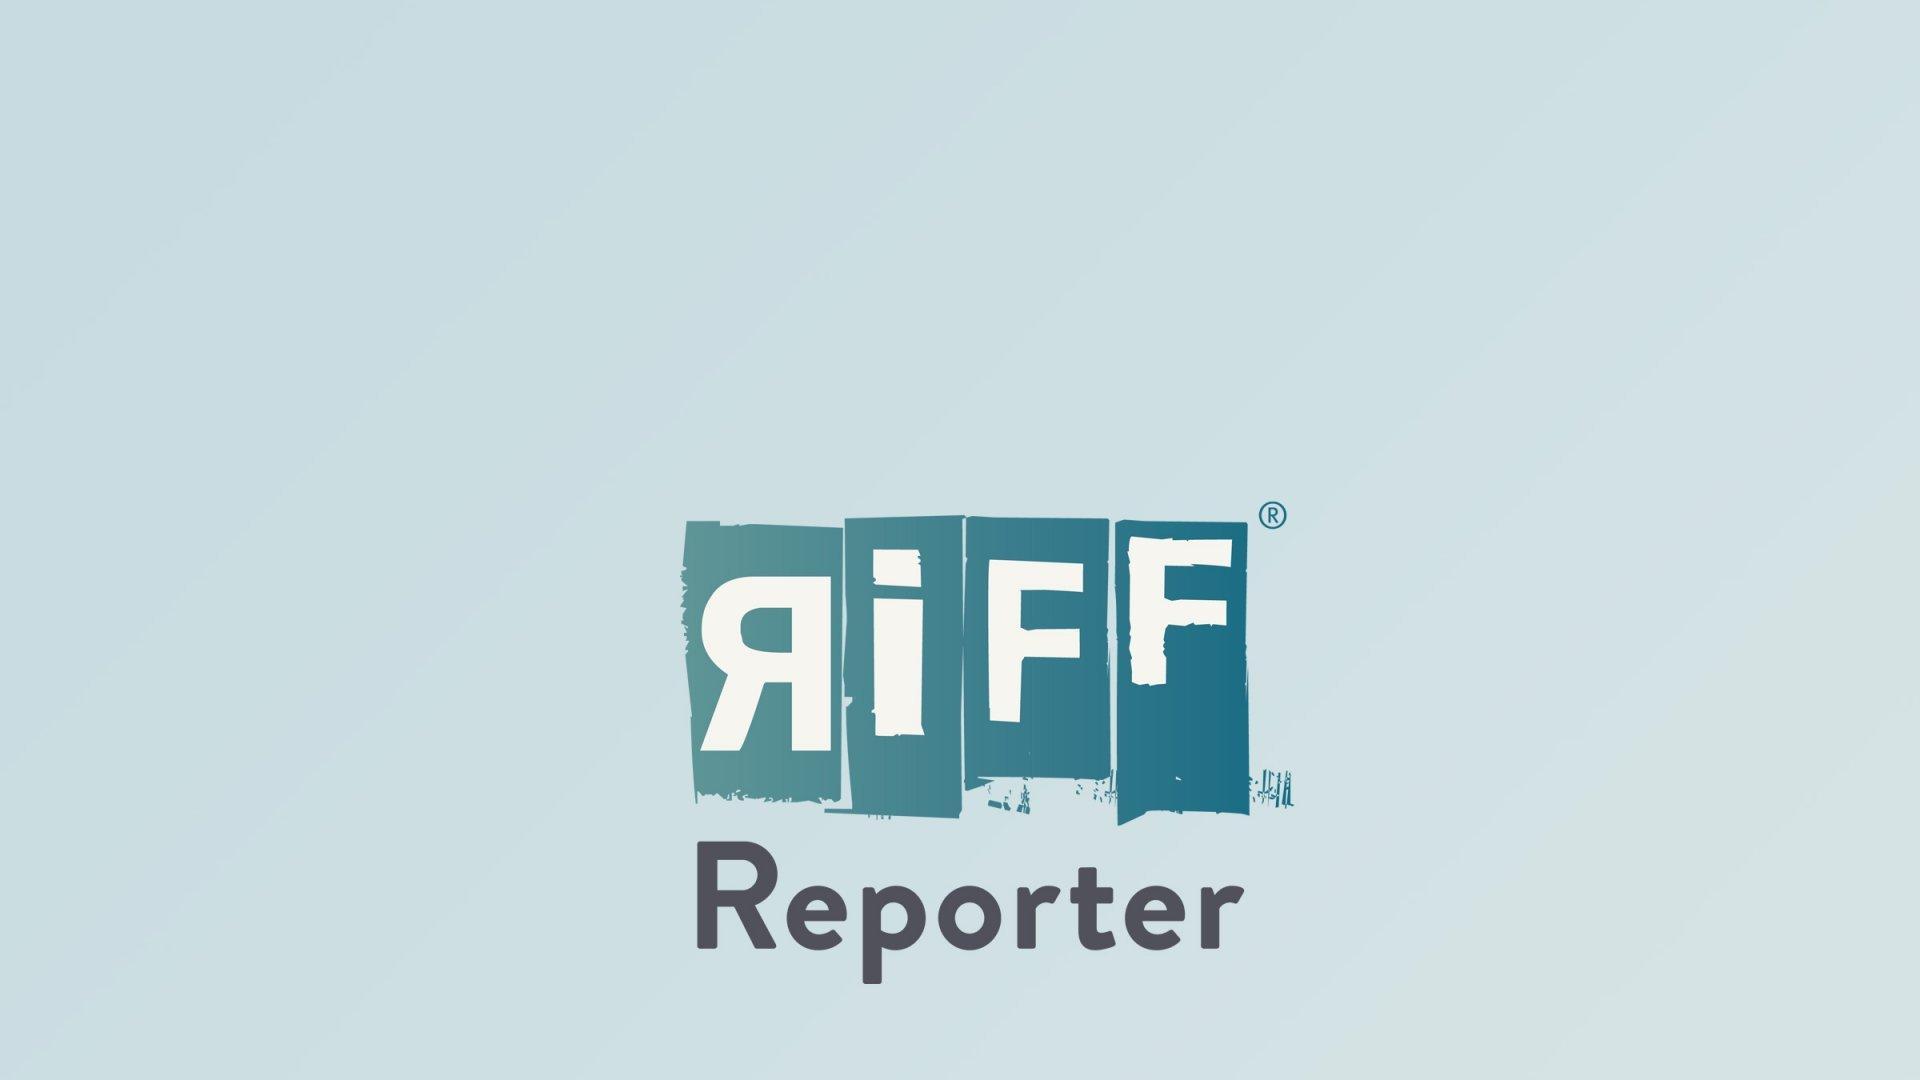 Eine brechende Meereswelle als Sinnbild für das Brechen der Welle von Coronainfektionen